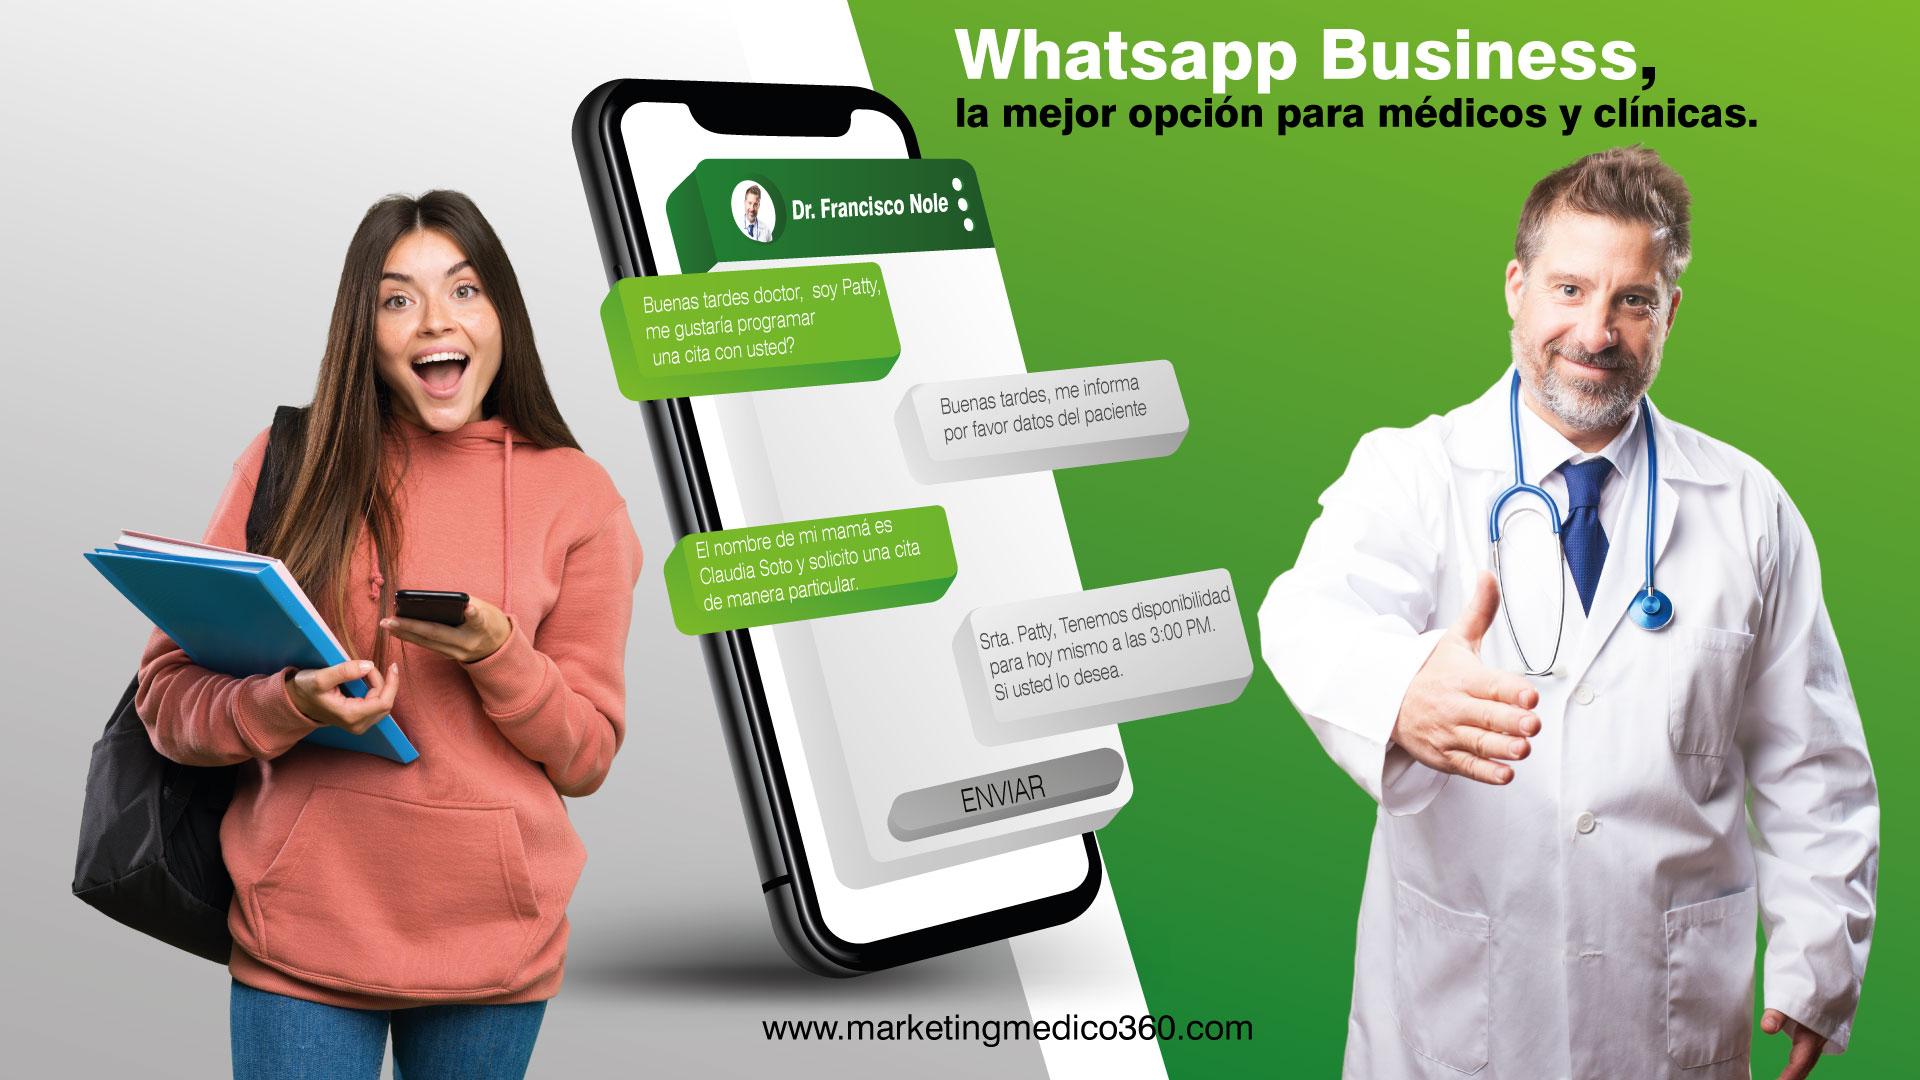 Whatsapp Business, la mejor opción para médicos y clínicas.